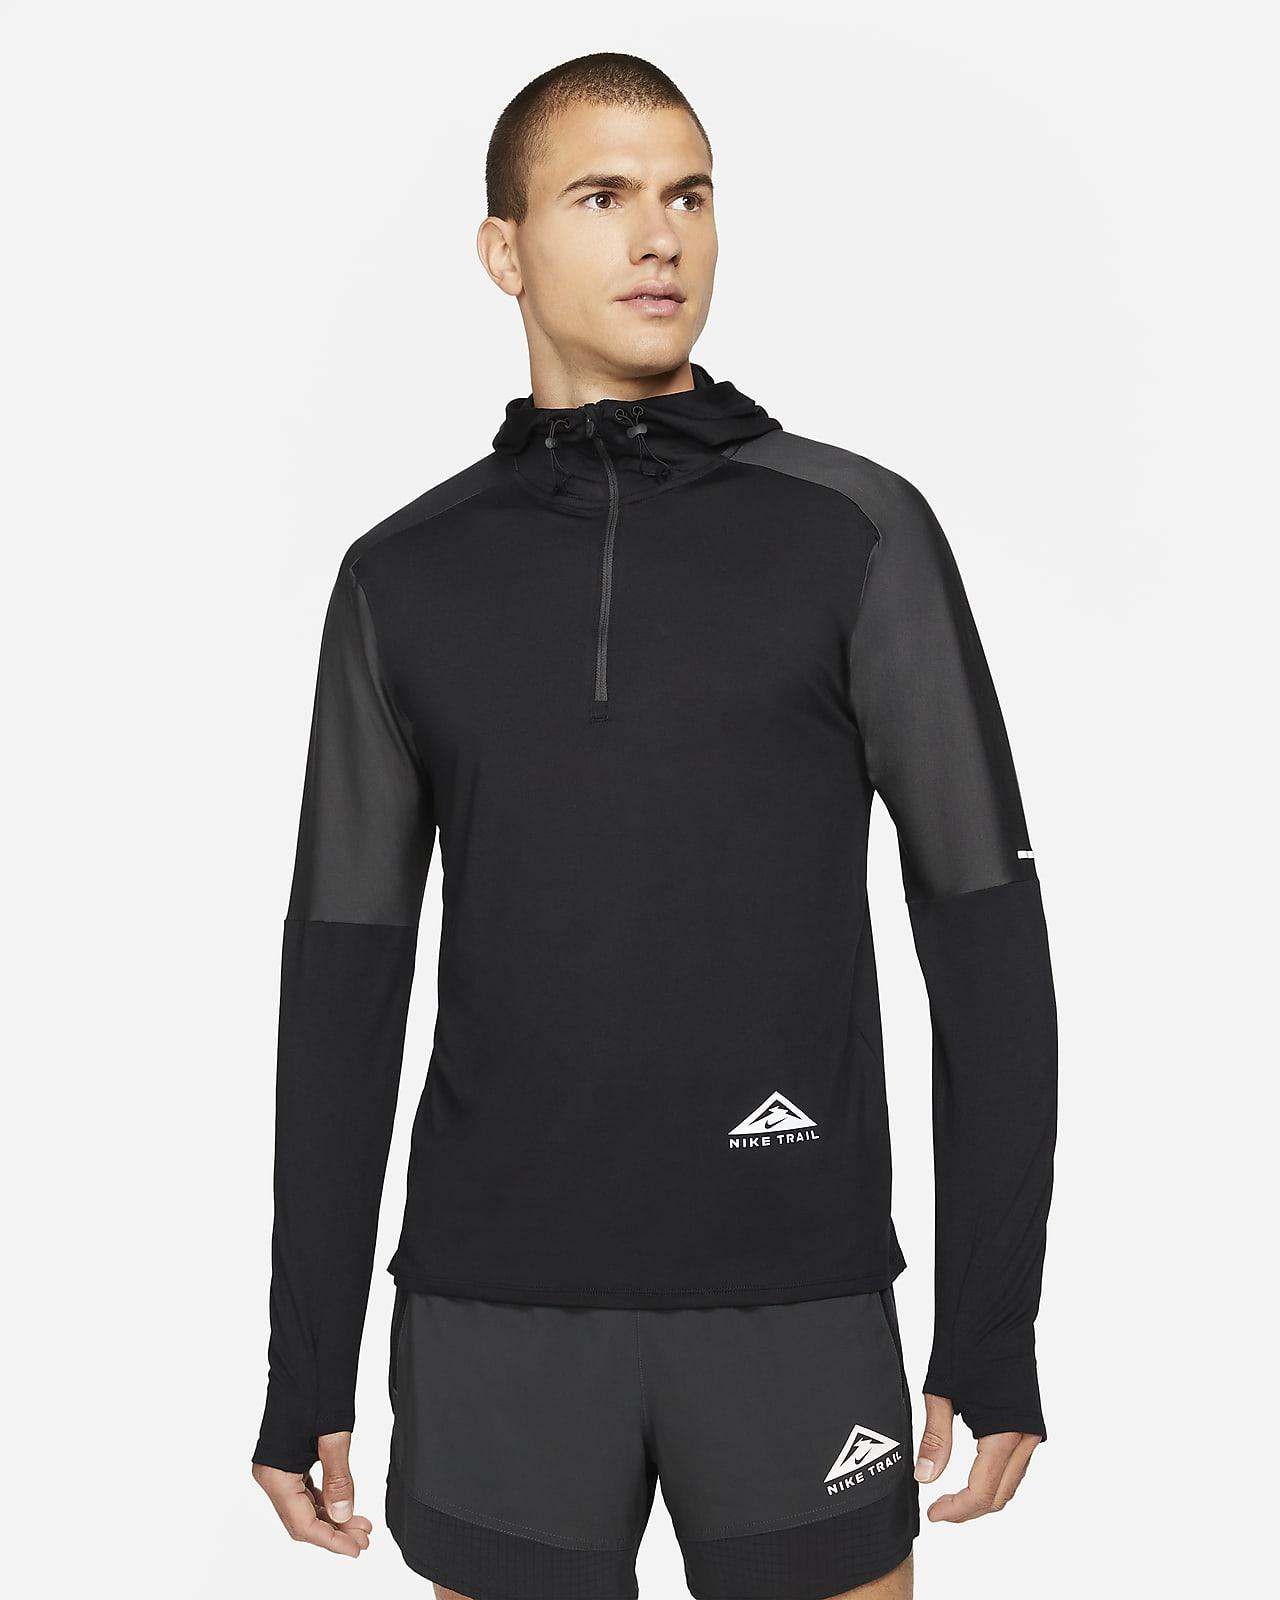 Pánské běžecké tričko Nike Dri-FIT Trail do terénu spolovičním zipem